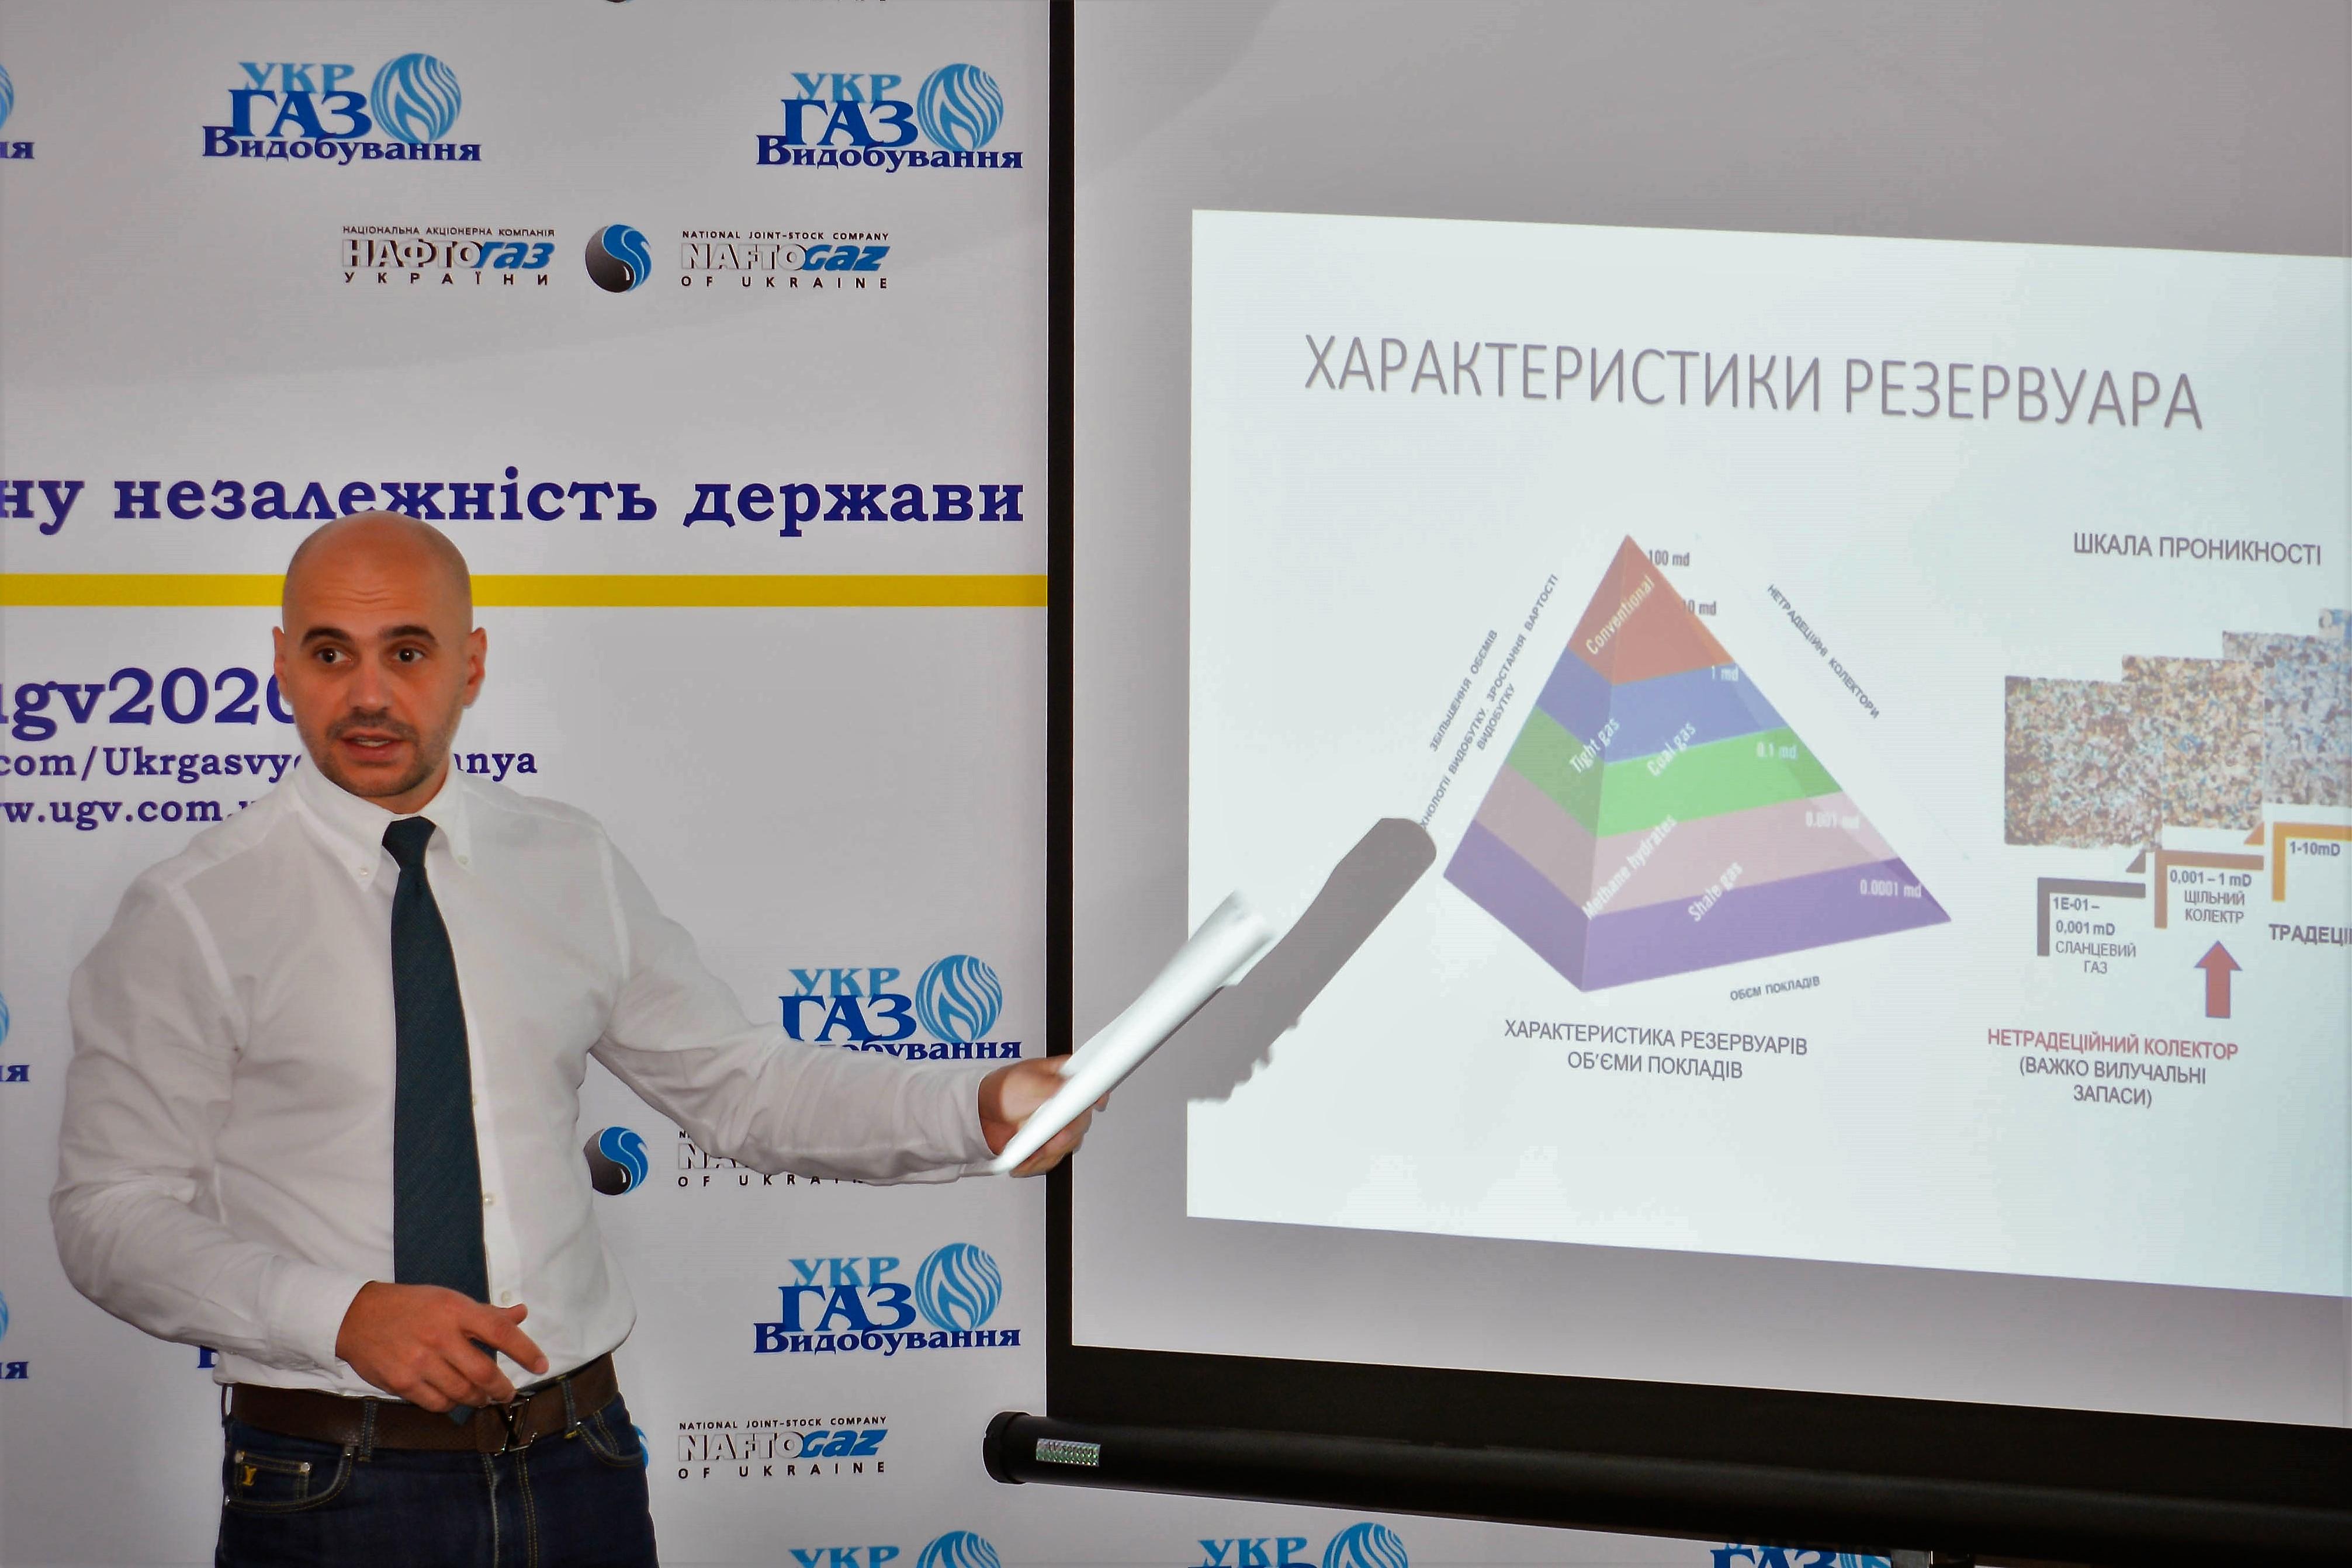 Пропонуємо співпрацю з випробування та дослідження свердловин